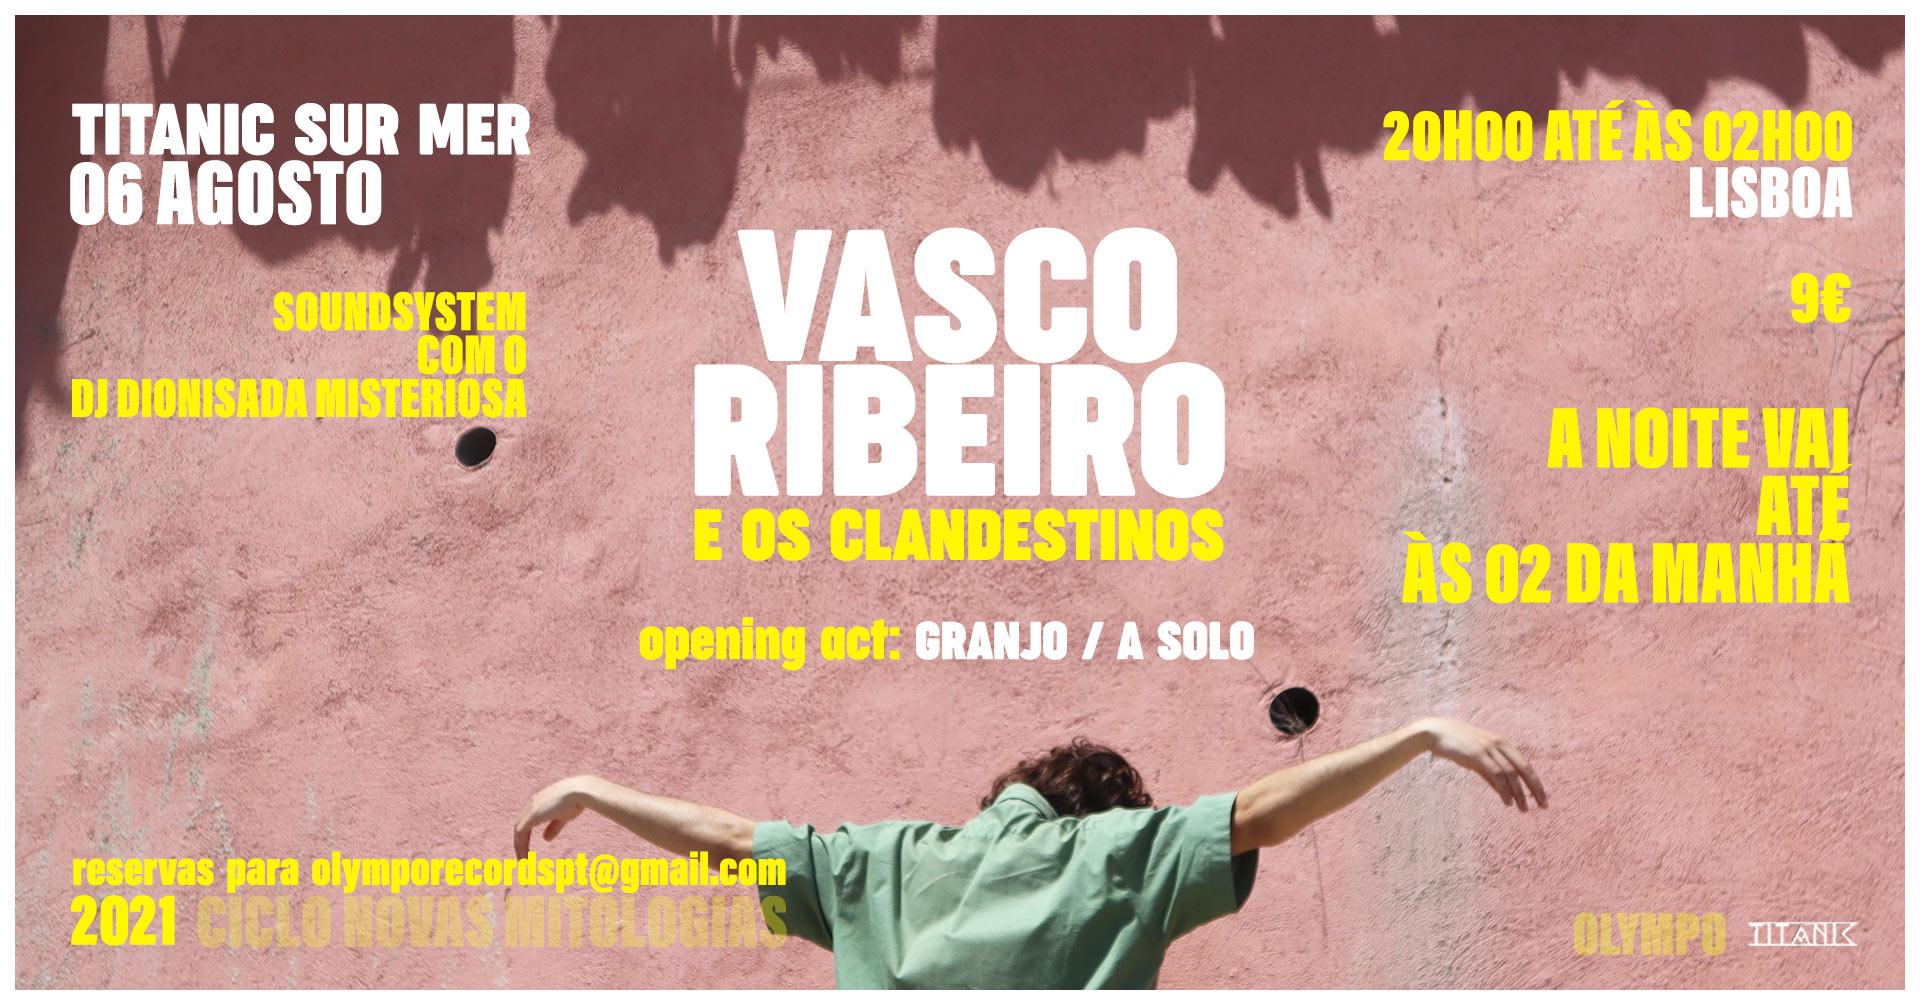 VASCO RIBEIRO E OS CLANDESTINOS + GRANJO   TITANIC